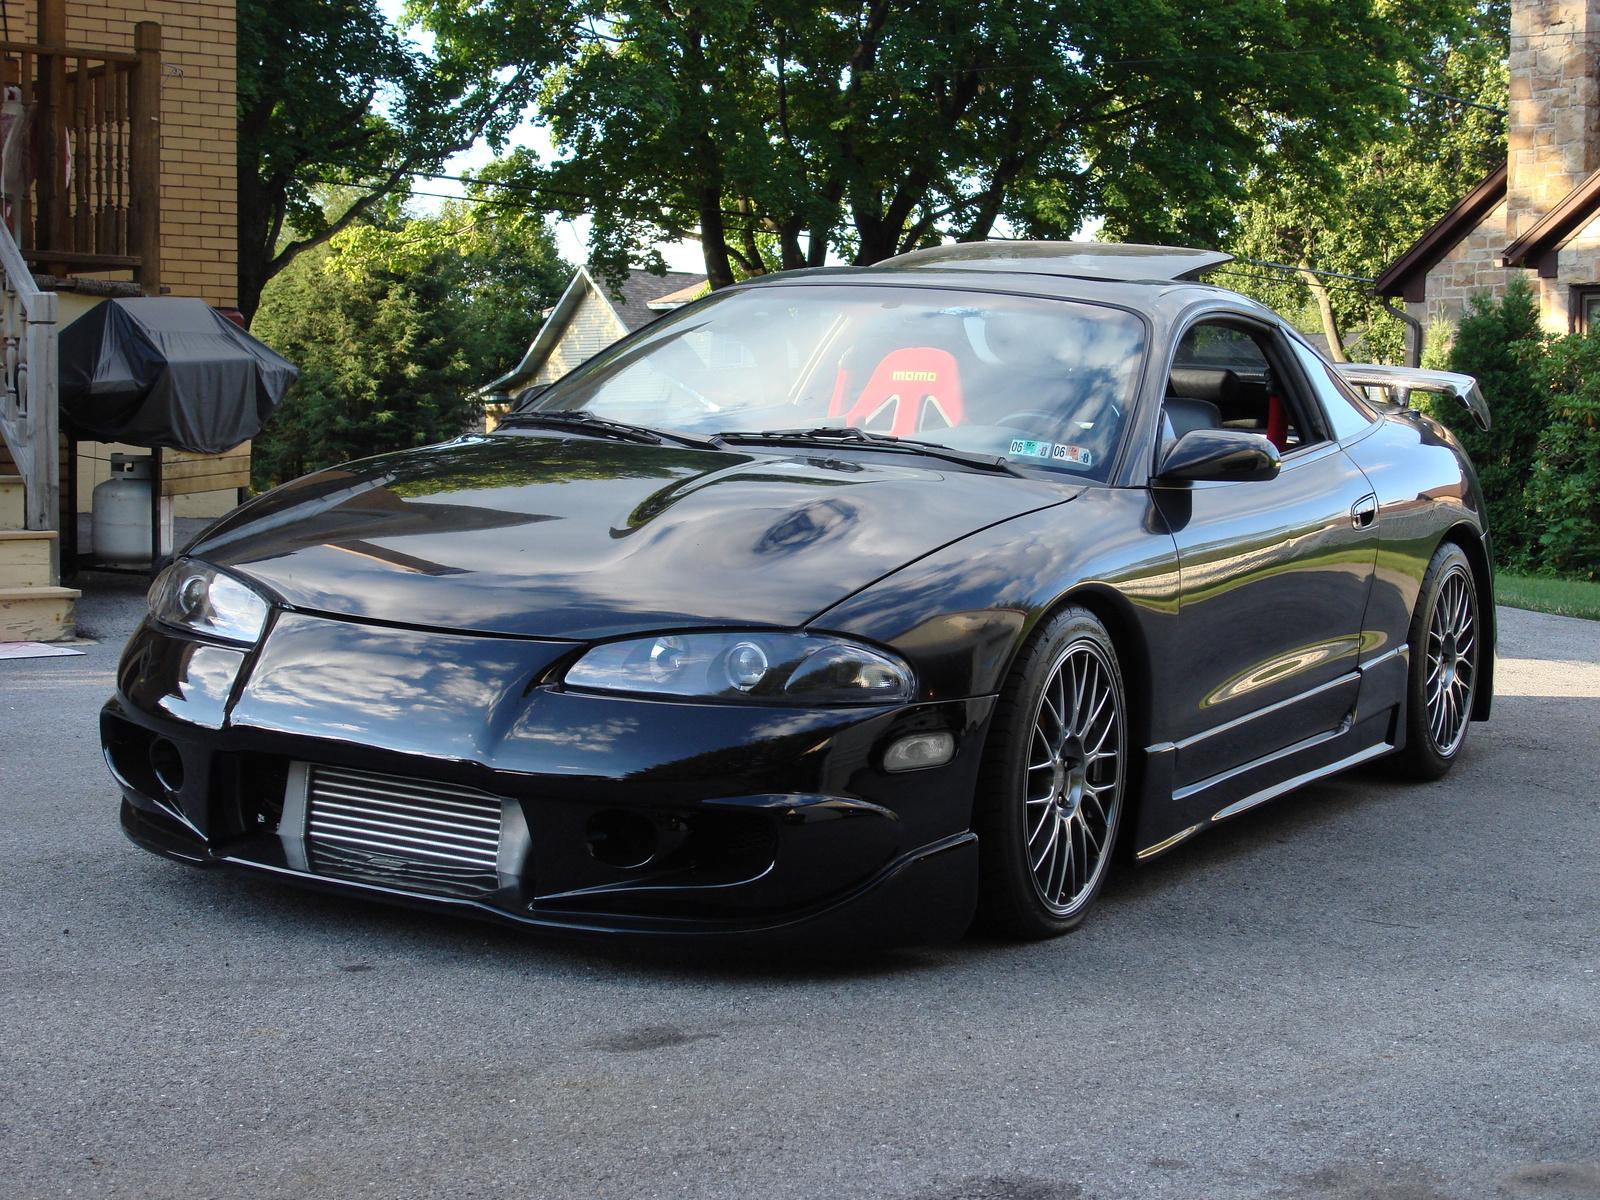 1998 Mitsubishi Eclipse - Pictures - CarGurus